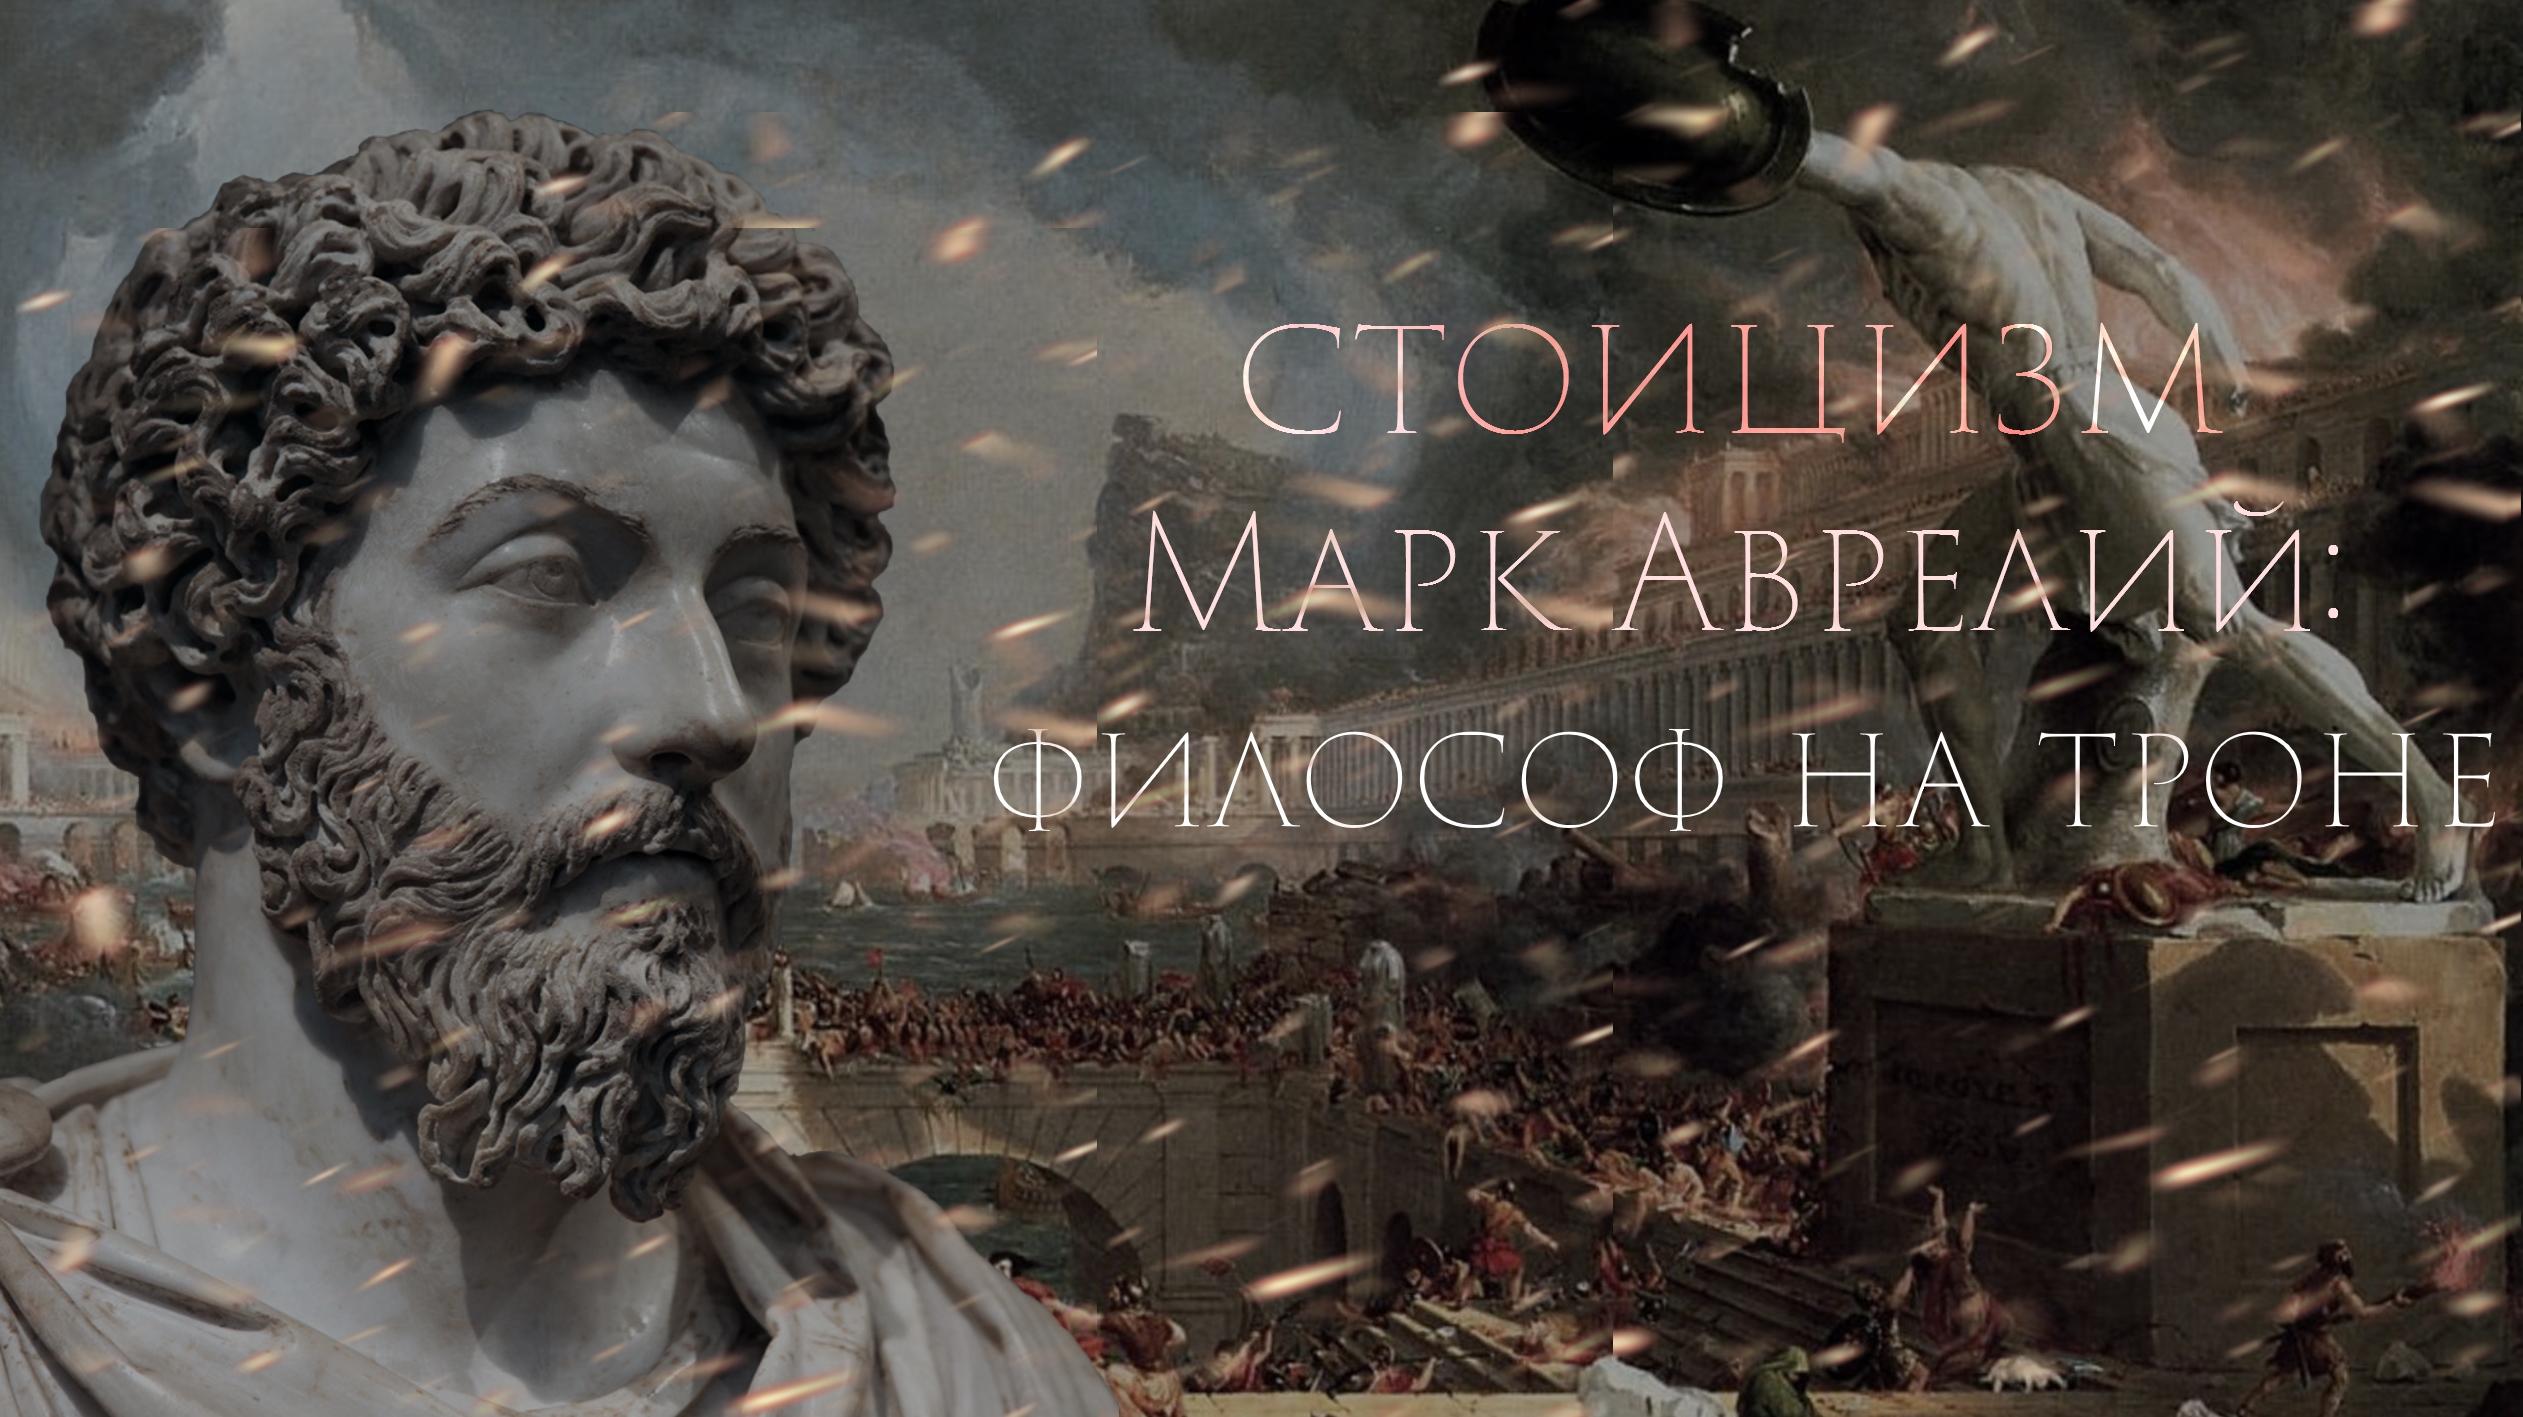 Стоицизм. Марк Аврелий: философ на троне (12 июня)